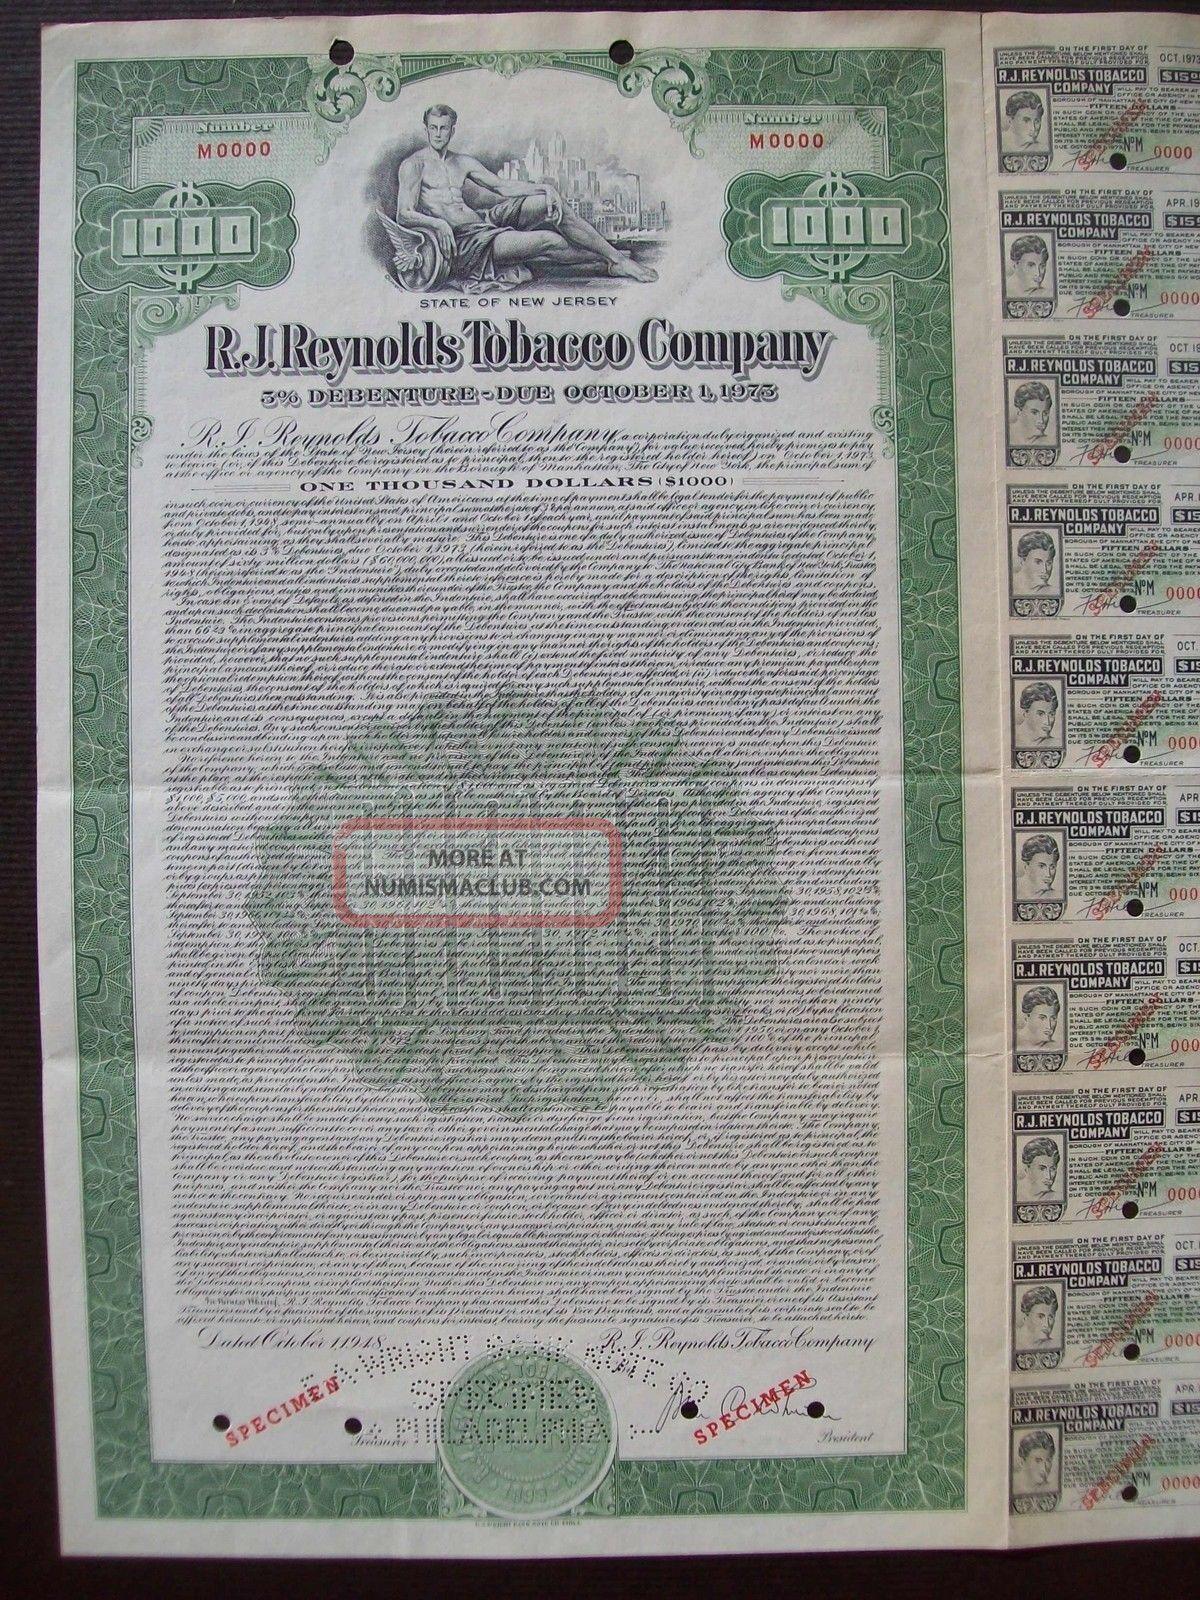 United States 1973 Bond Specimen - R.  J Reynolds Tobacco Company. .  B1580 World photo